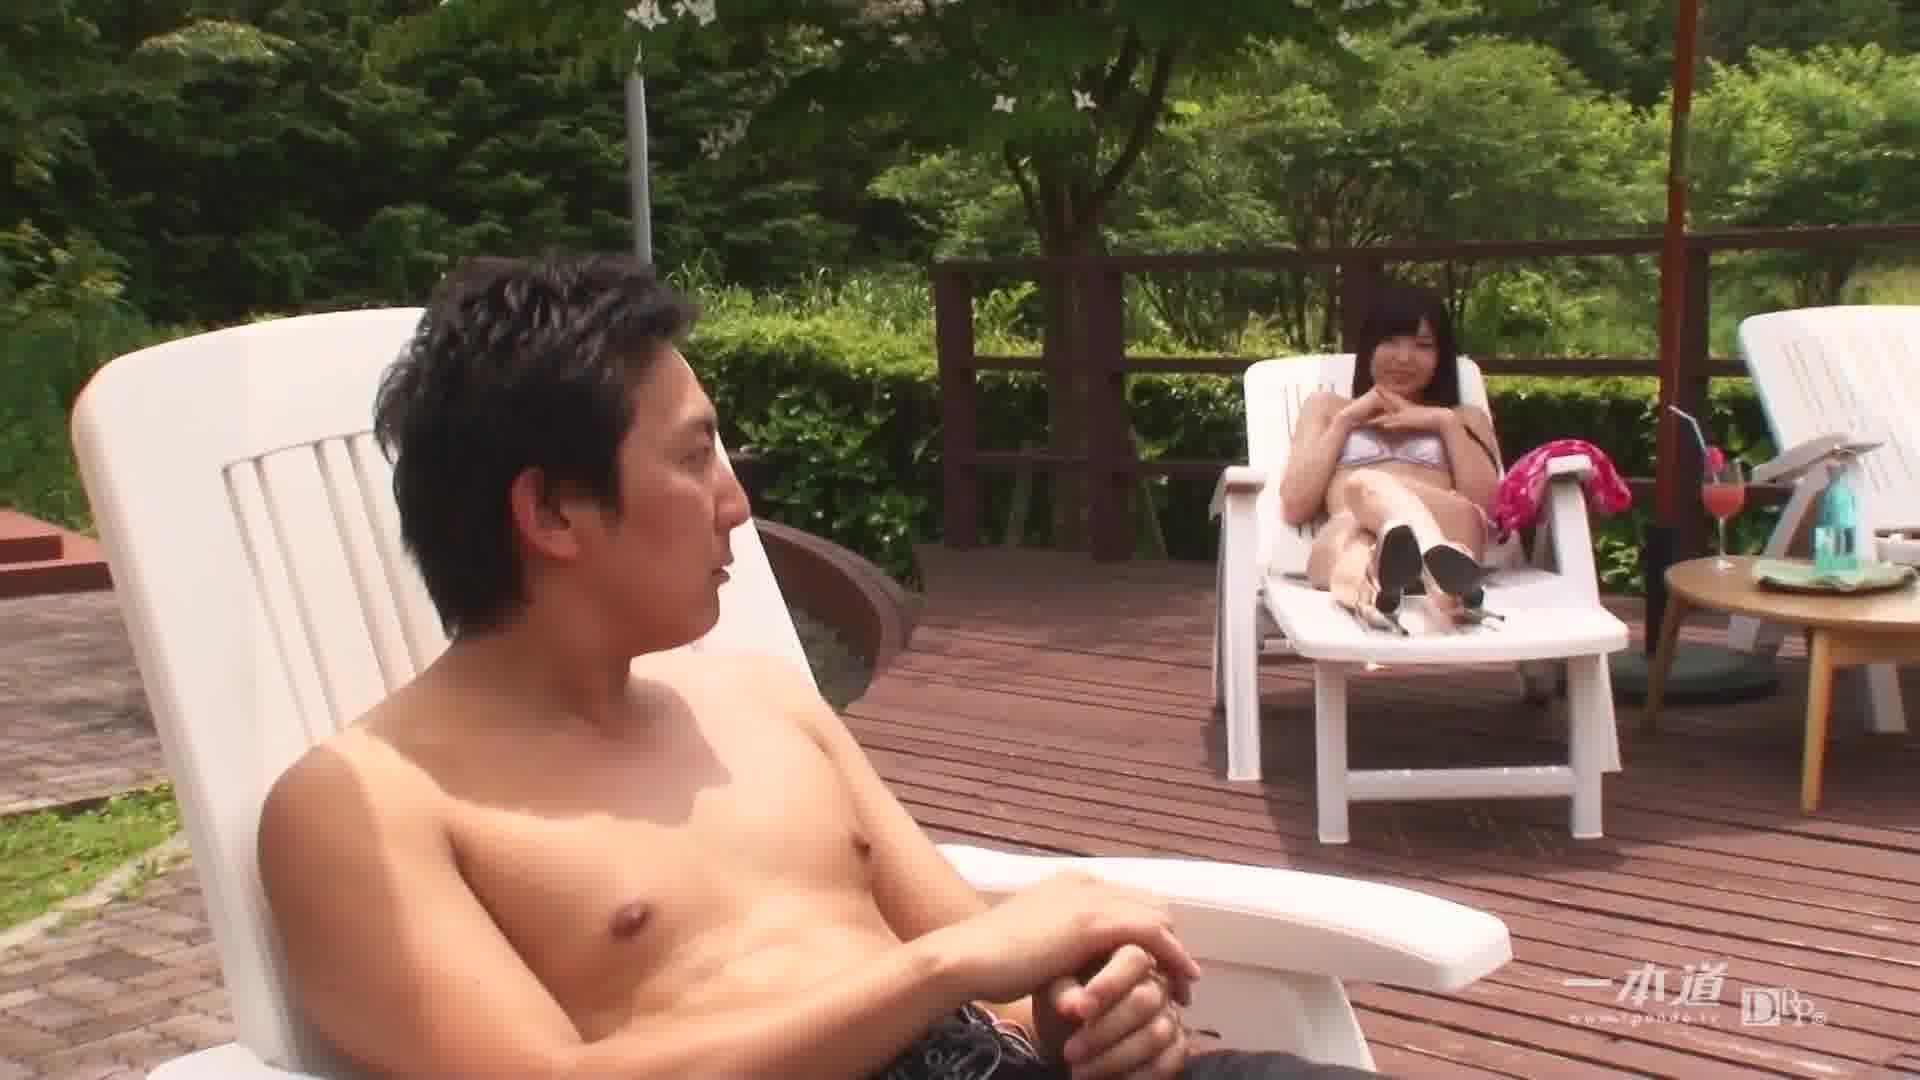 サマーヌード ~夏だしイィじゃん!プールでH!~ - 碧しの【水着・スレンダー・中出し】